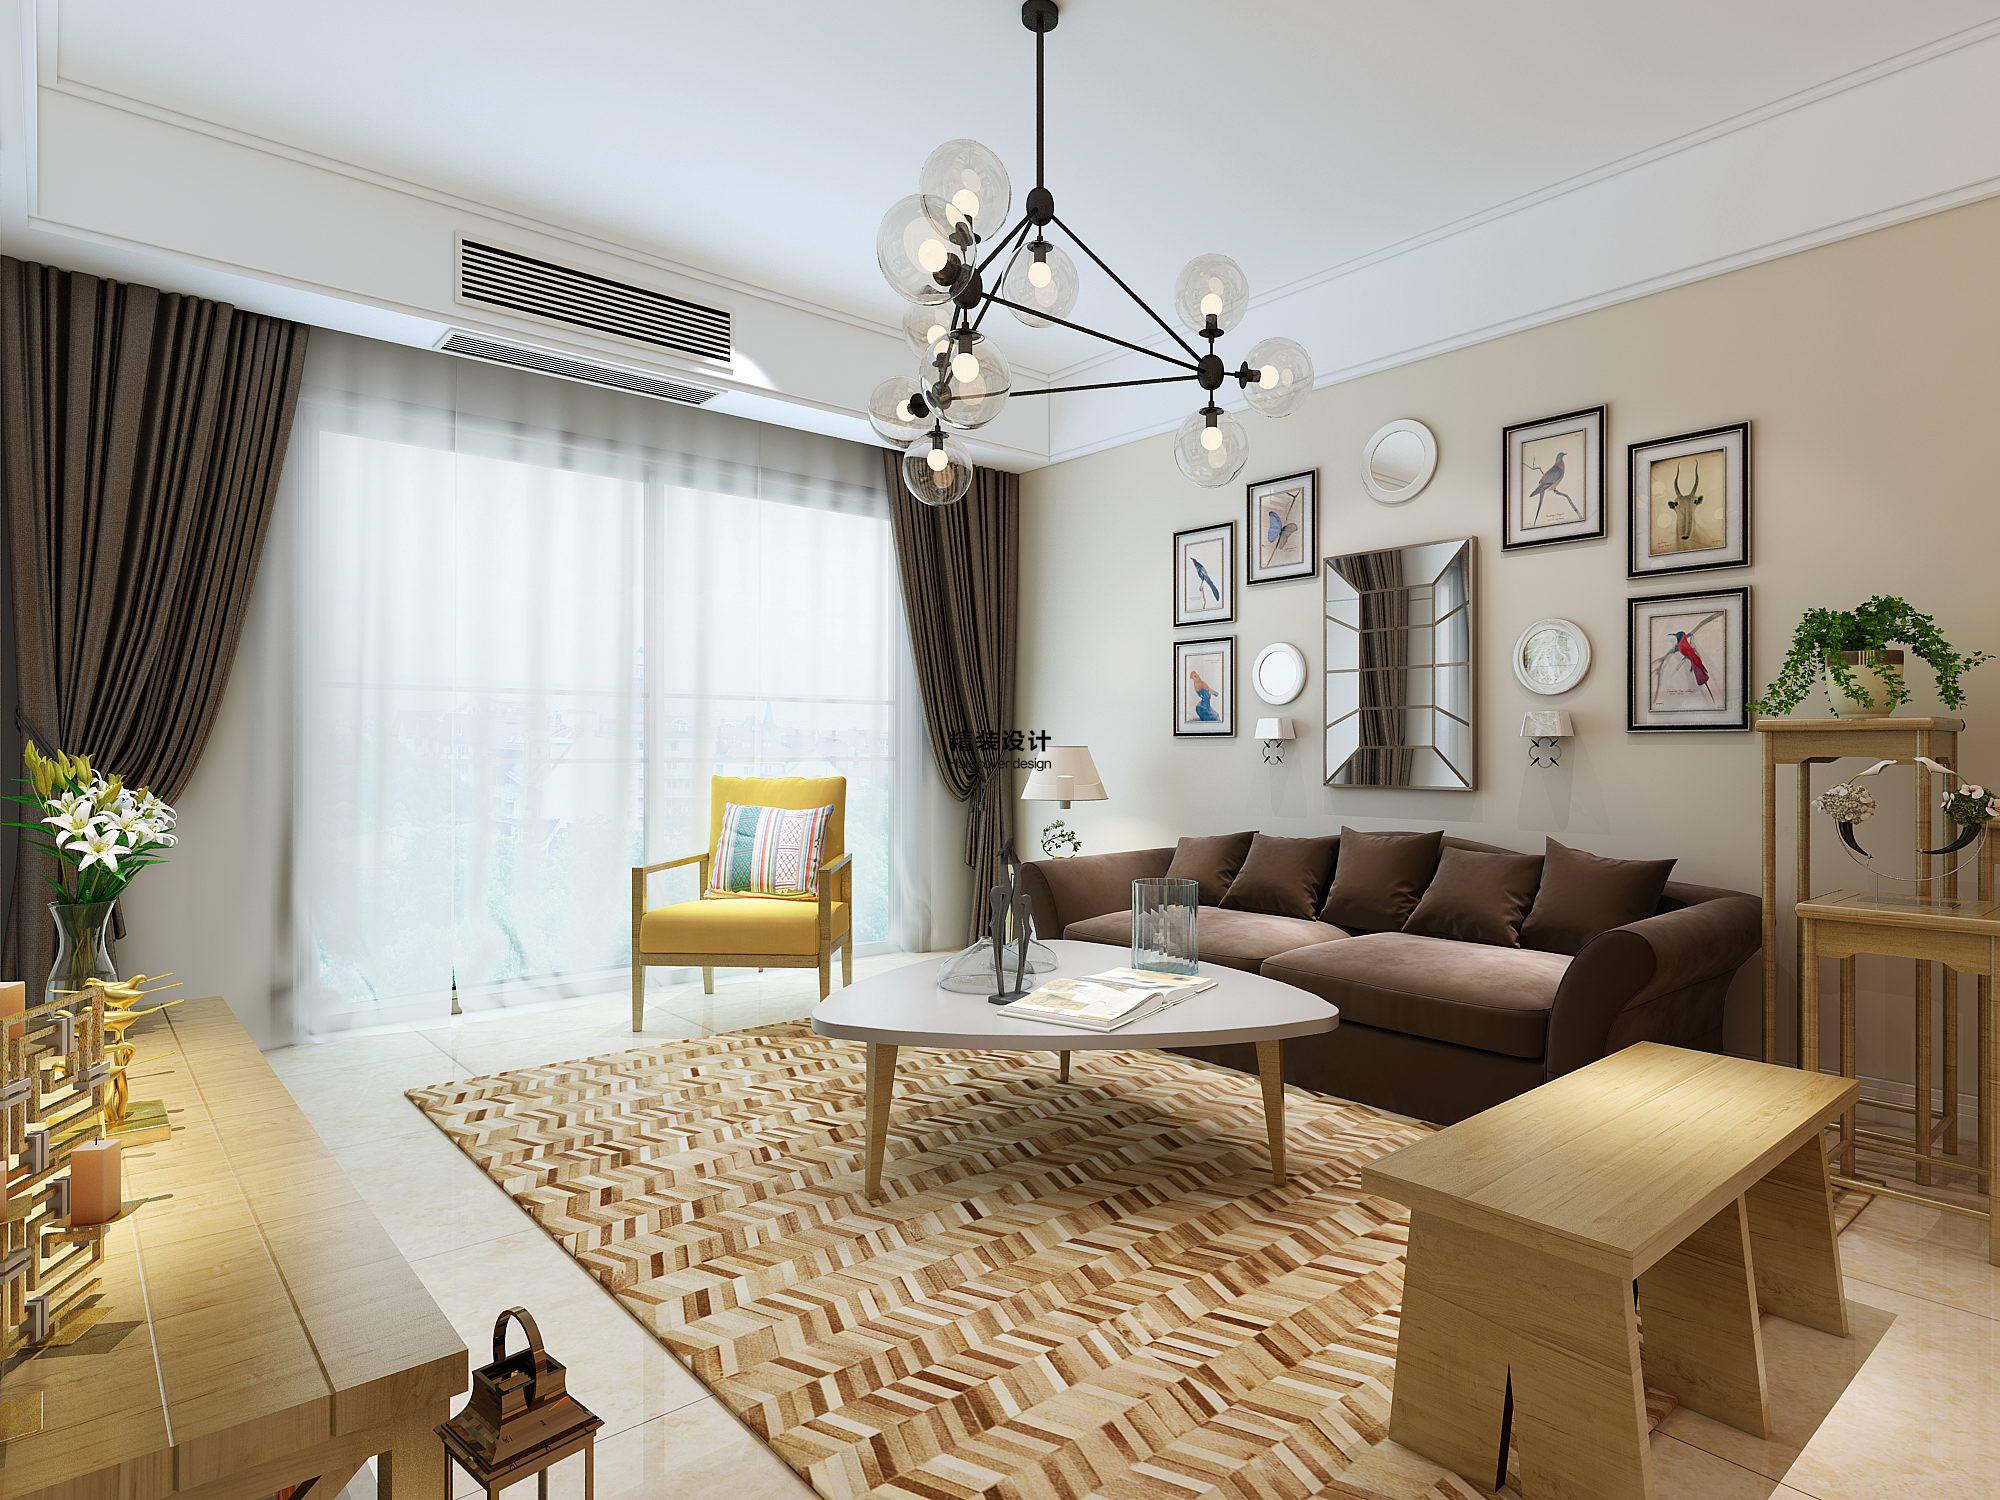 维也纳森林88平方两室两厅现代简约装修效果图